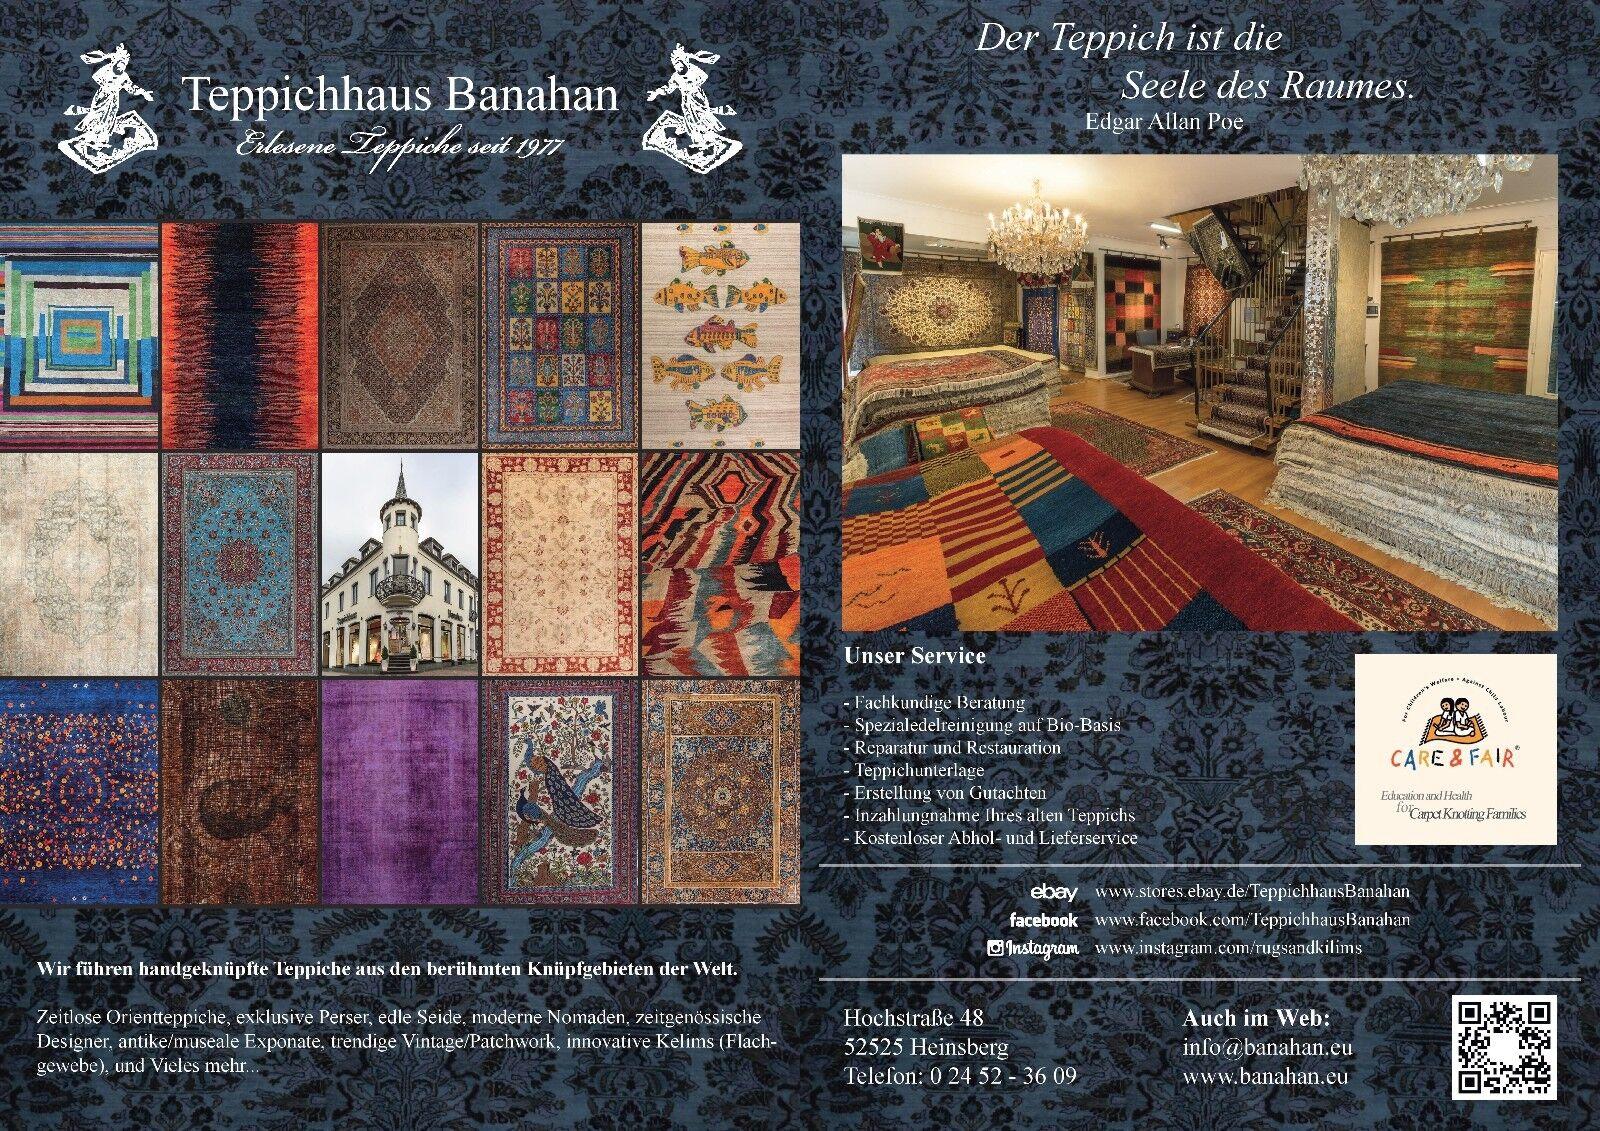 Patchwork Teppich Orientteppich Orientteppich Orientteppich Rug Carpet Tapis Tapijt Tappeto Alfombra Vintage 3c95ed